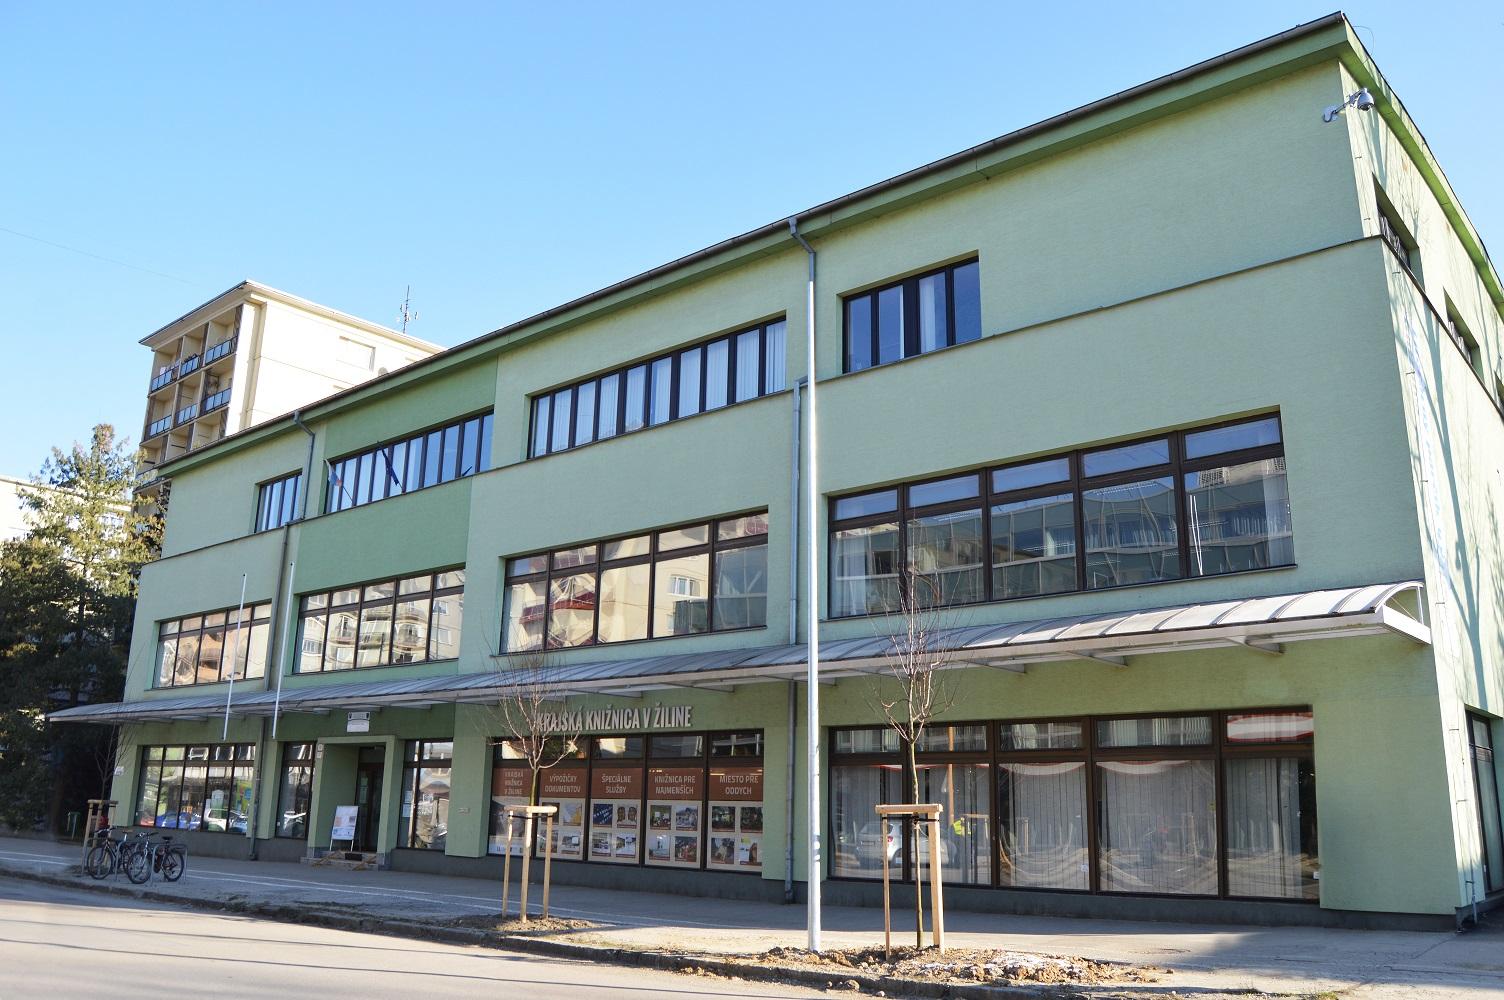 Krajská knižnica v Žiline - centrálna budova